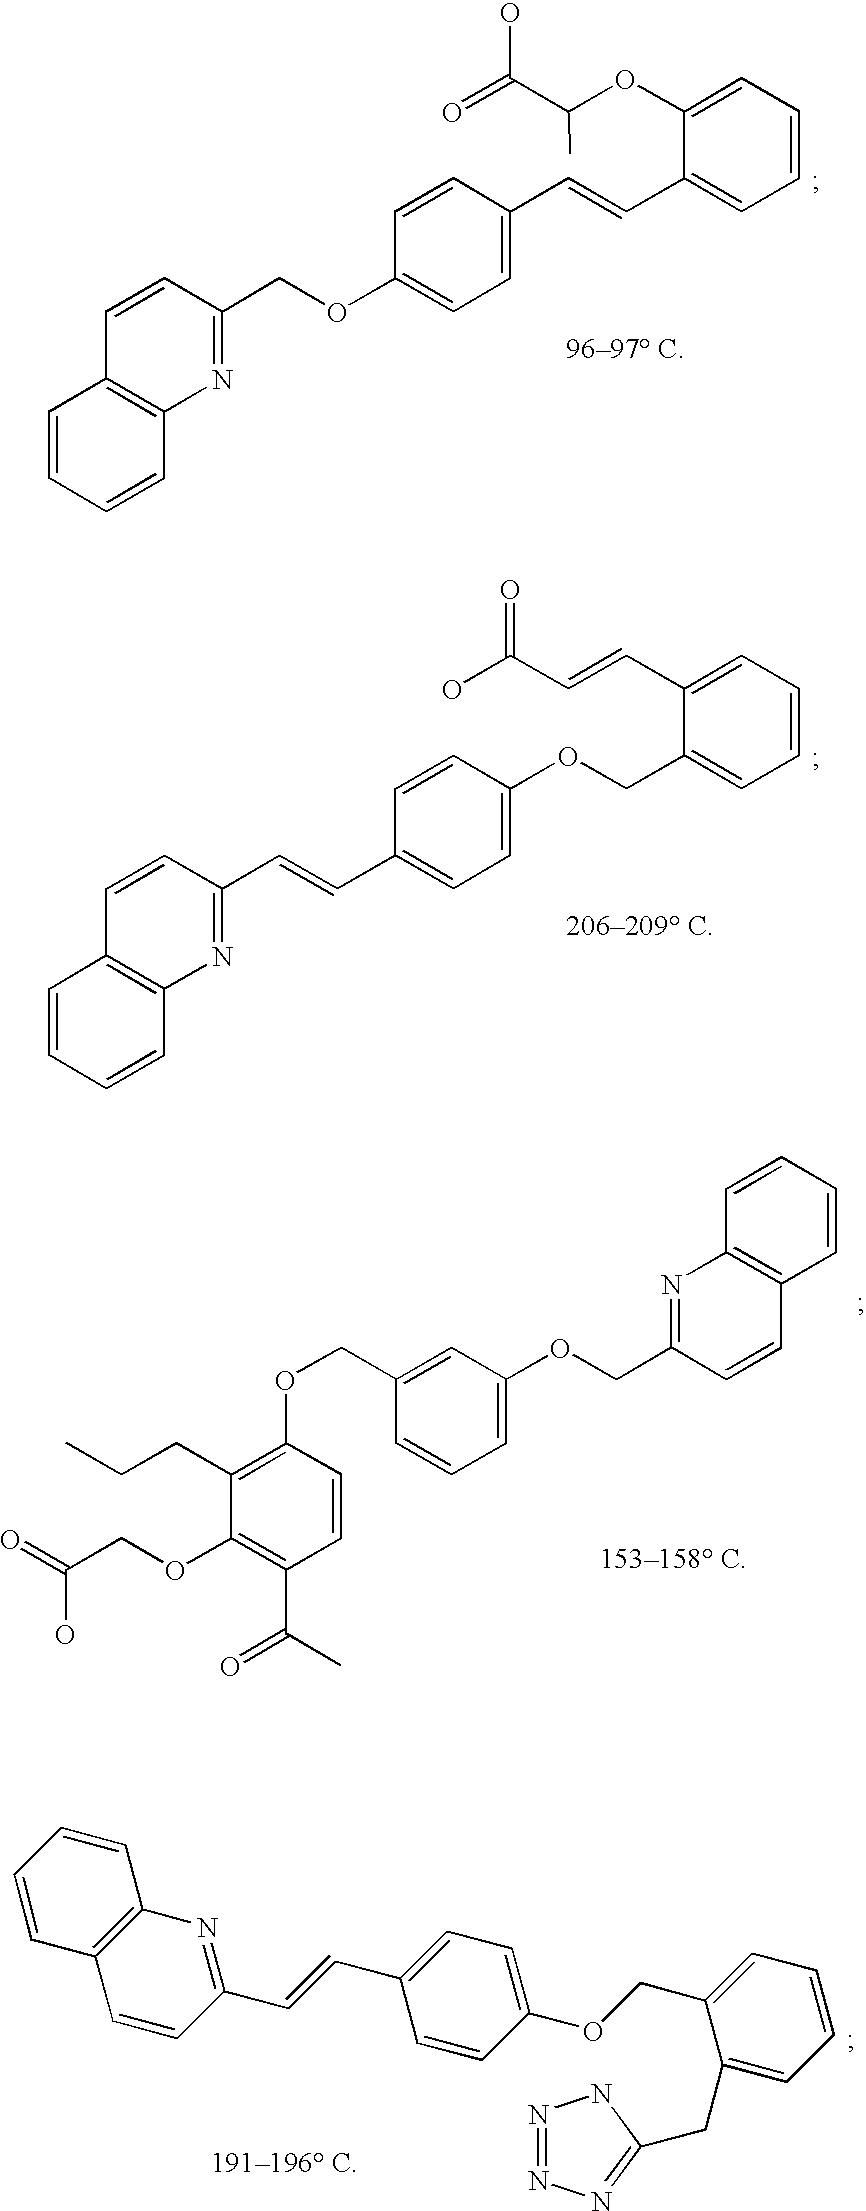 Figure US20030220373A1-20031127-C00303